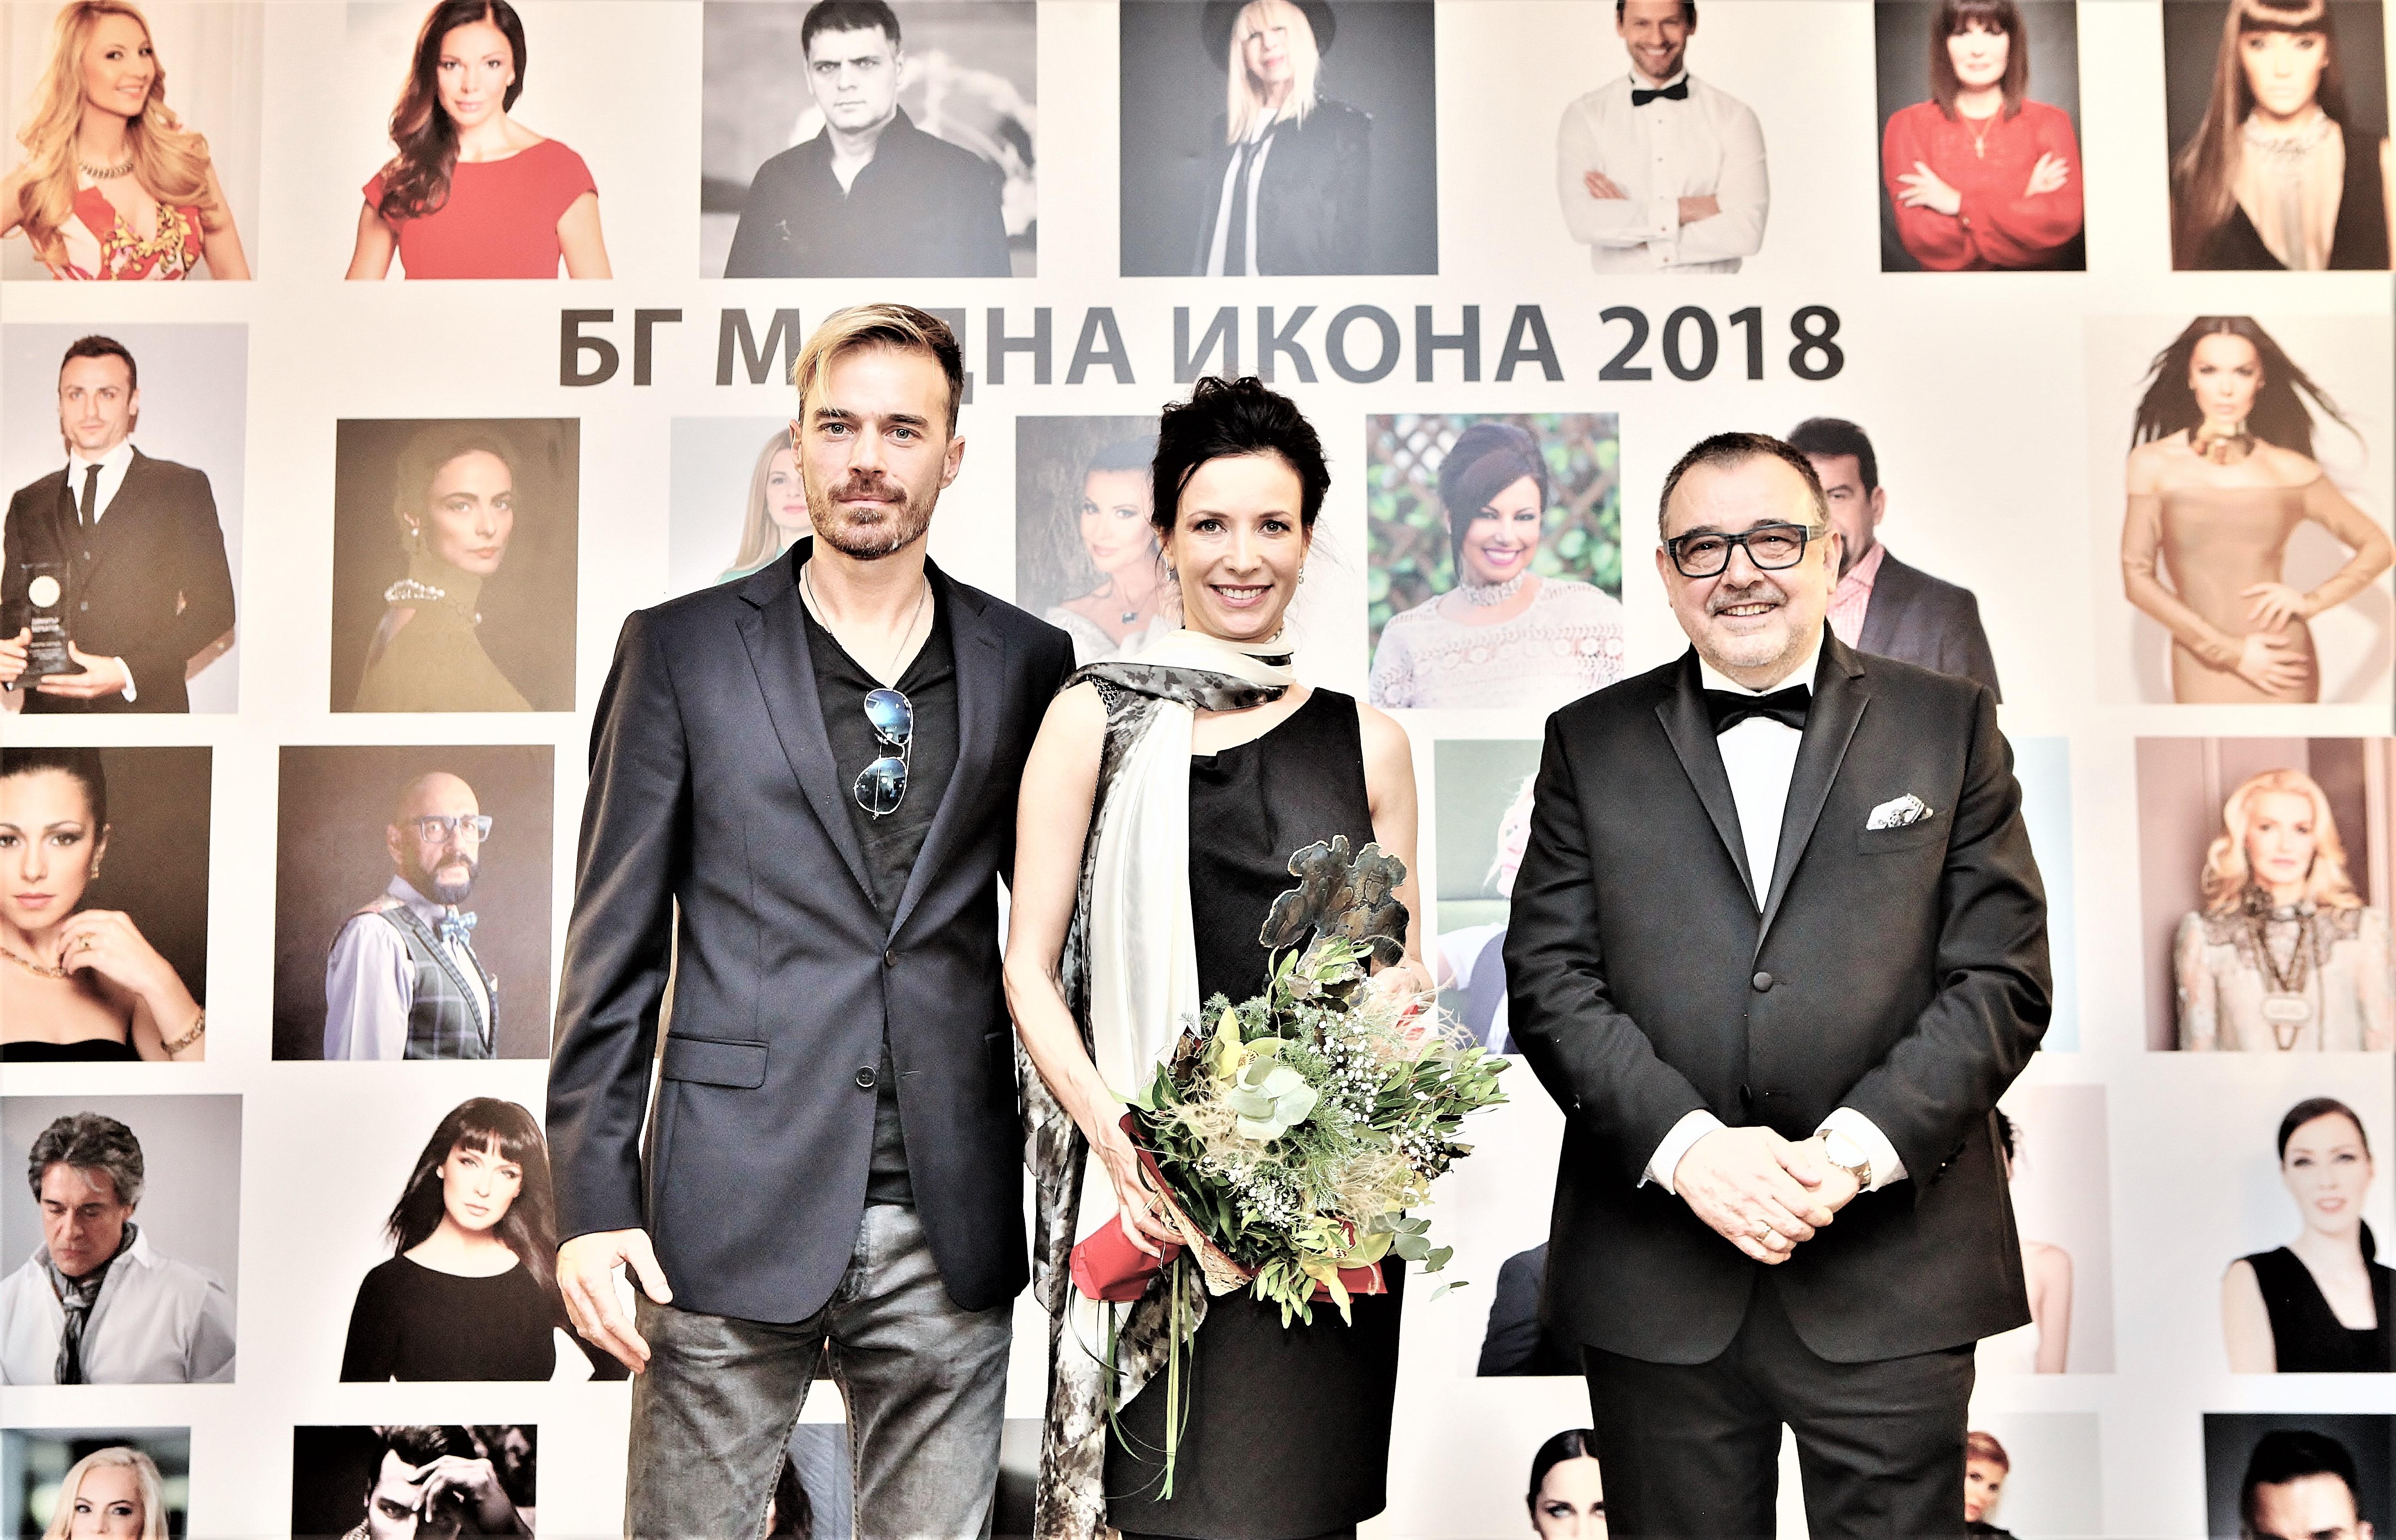 """Яна Маринова получи приза """"БГ модна икона"""" в категория """"Изкуство""""."""